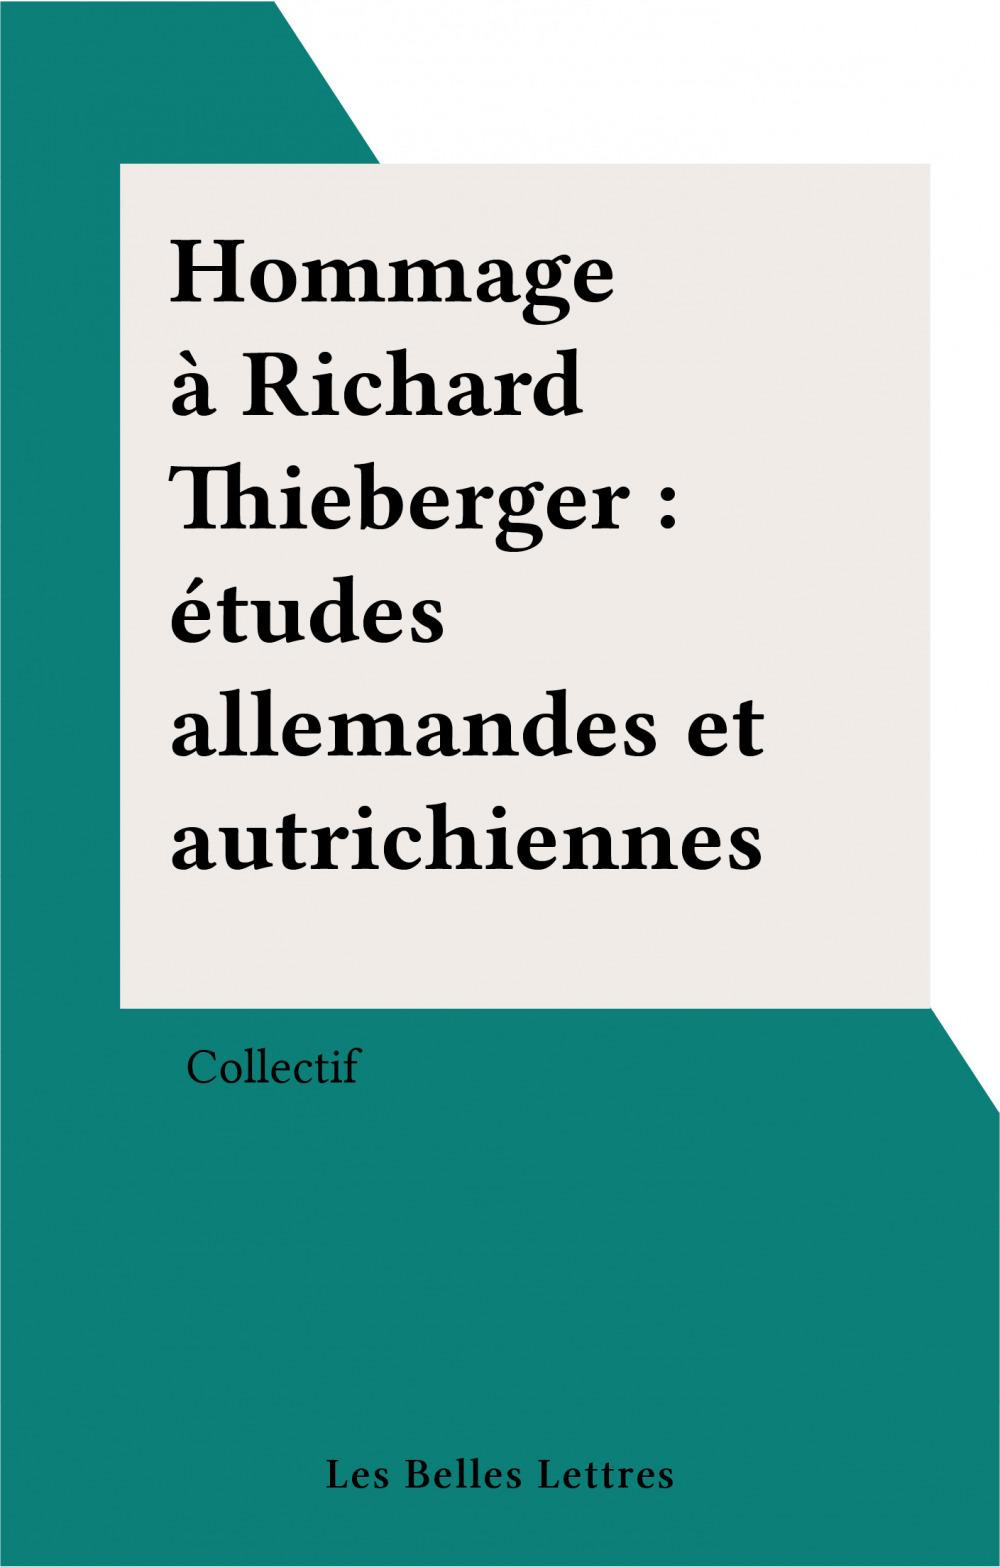 Hommage à Richard Thieberger : études allemandes et autrichiennes